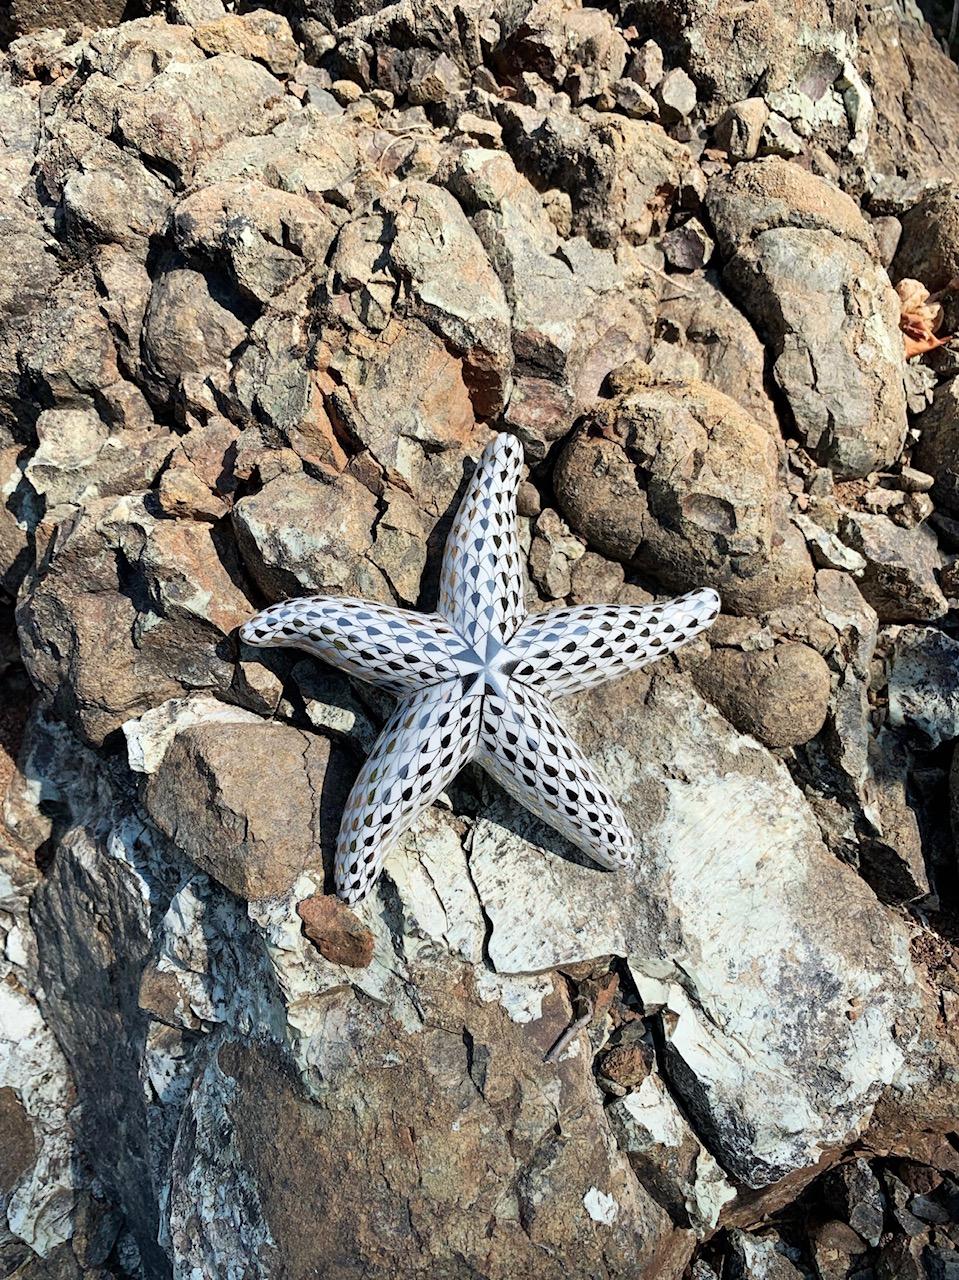 Фигурка в виде морской звезды Herend в окрестностях заповедных лесов и окаменелостей, D Maris Bay